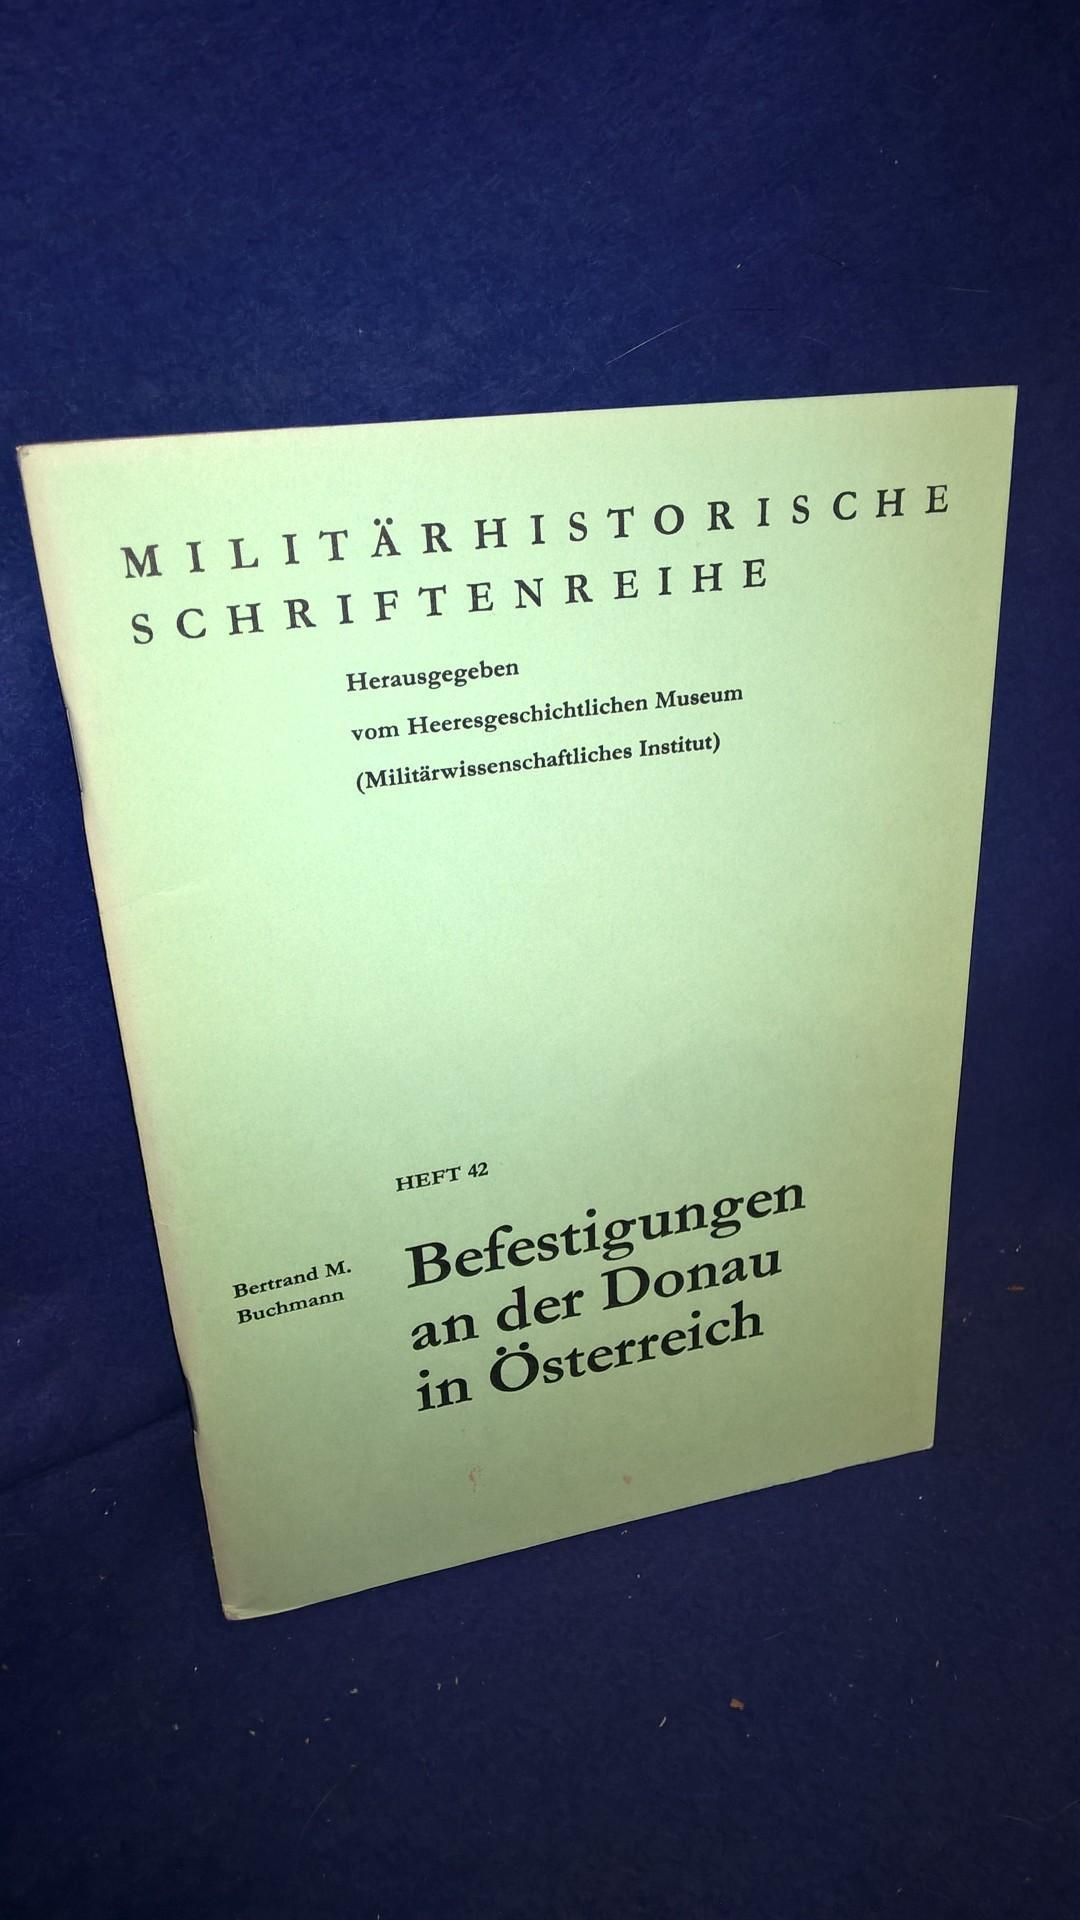 Befestigungen an der Donau in Österreich. Militärhistorische Schriftenreihe, Heft 42.